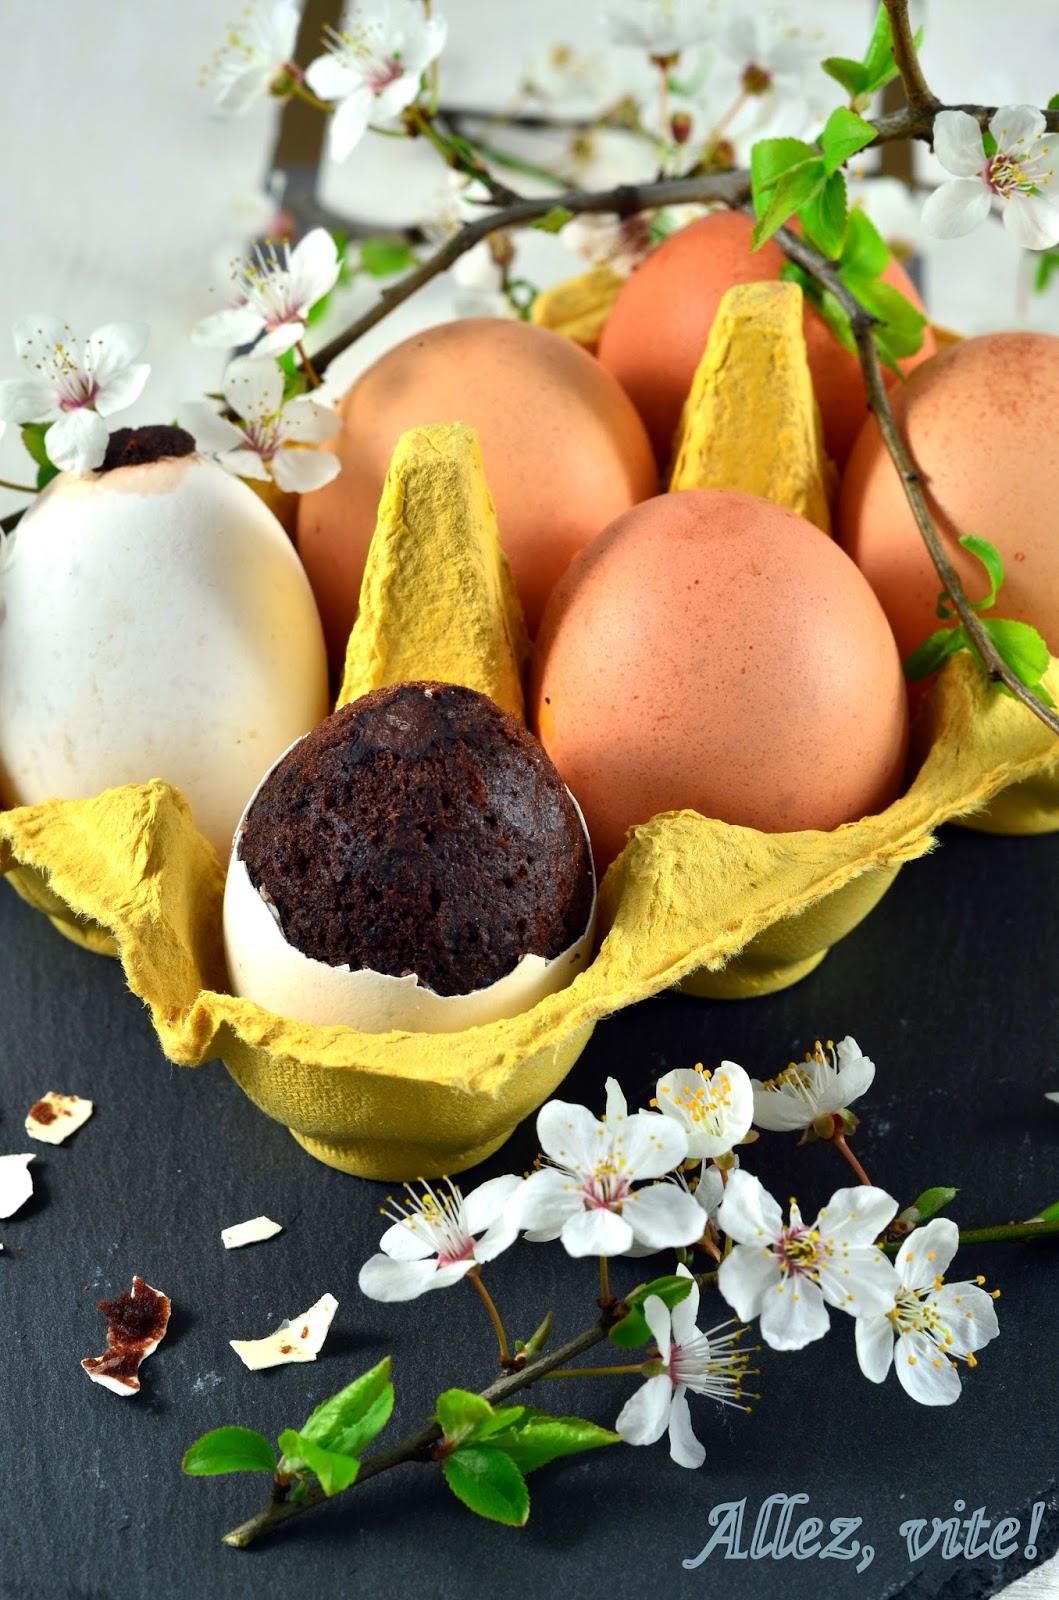 osterkuchen aus der eierschale rezepte suchen. Black Bedroom Furniture Sets. Home Design Ideas